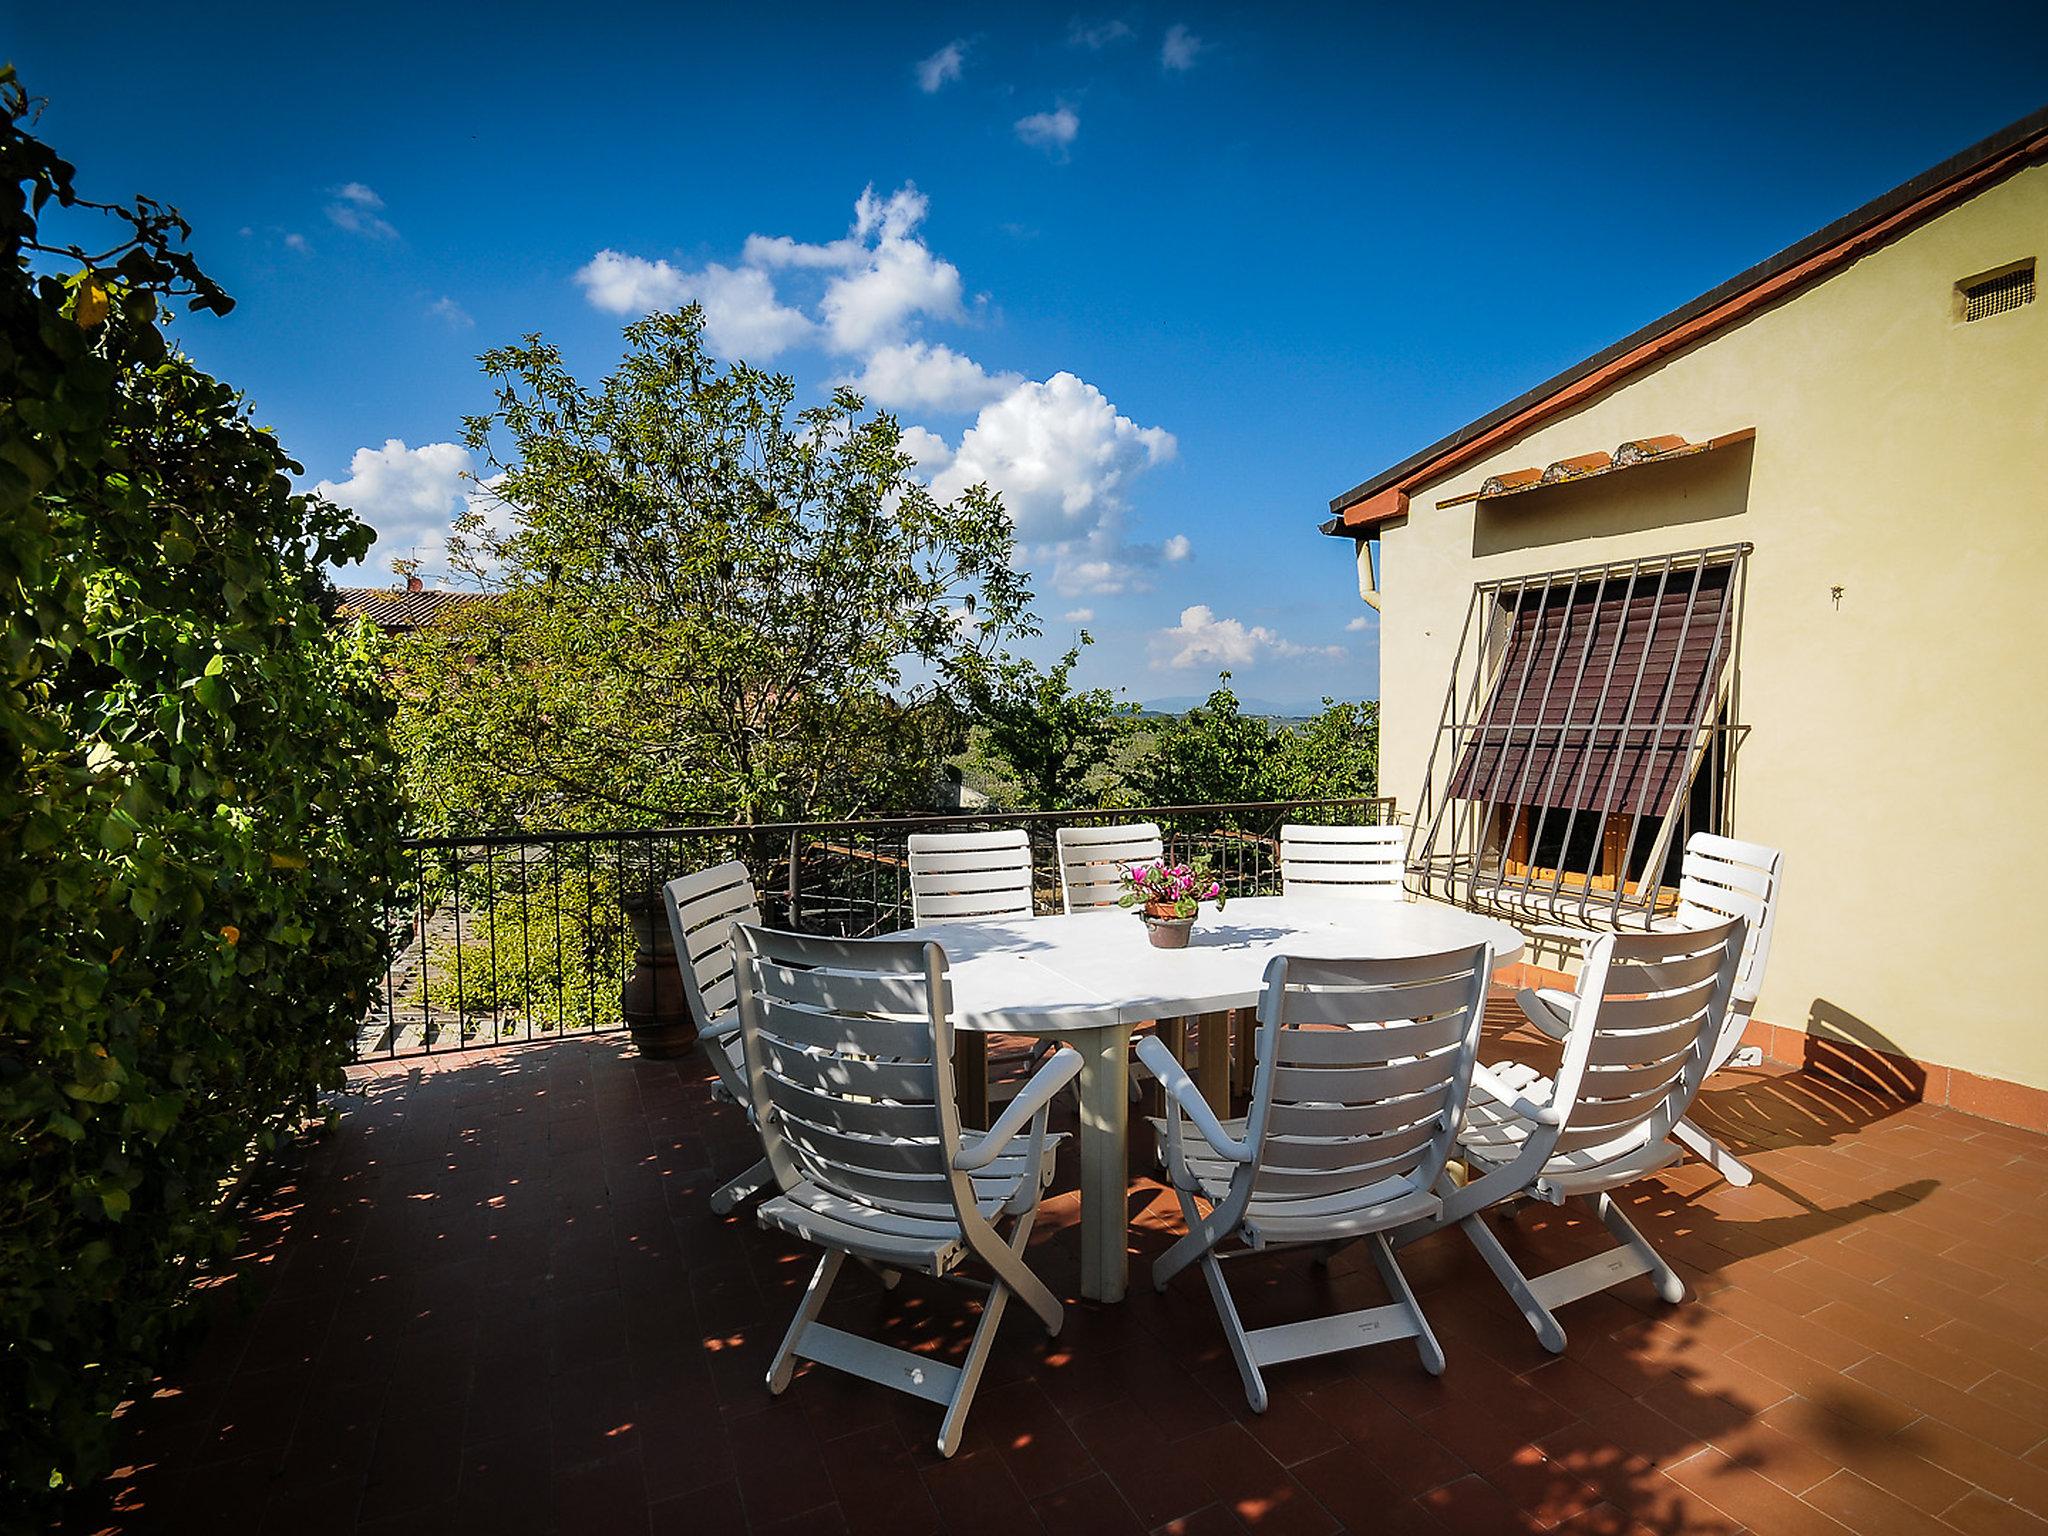 Podere San Bartolomeo Castagneto Carducci search holiday homes cyprus | rent private villas